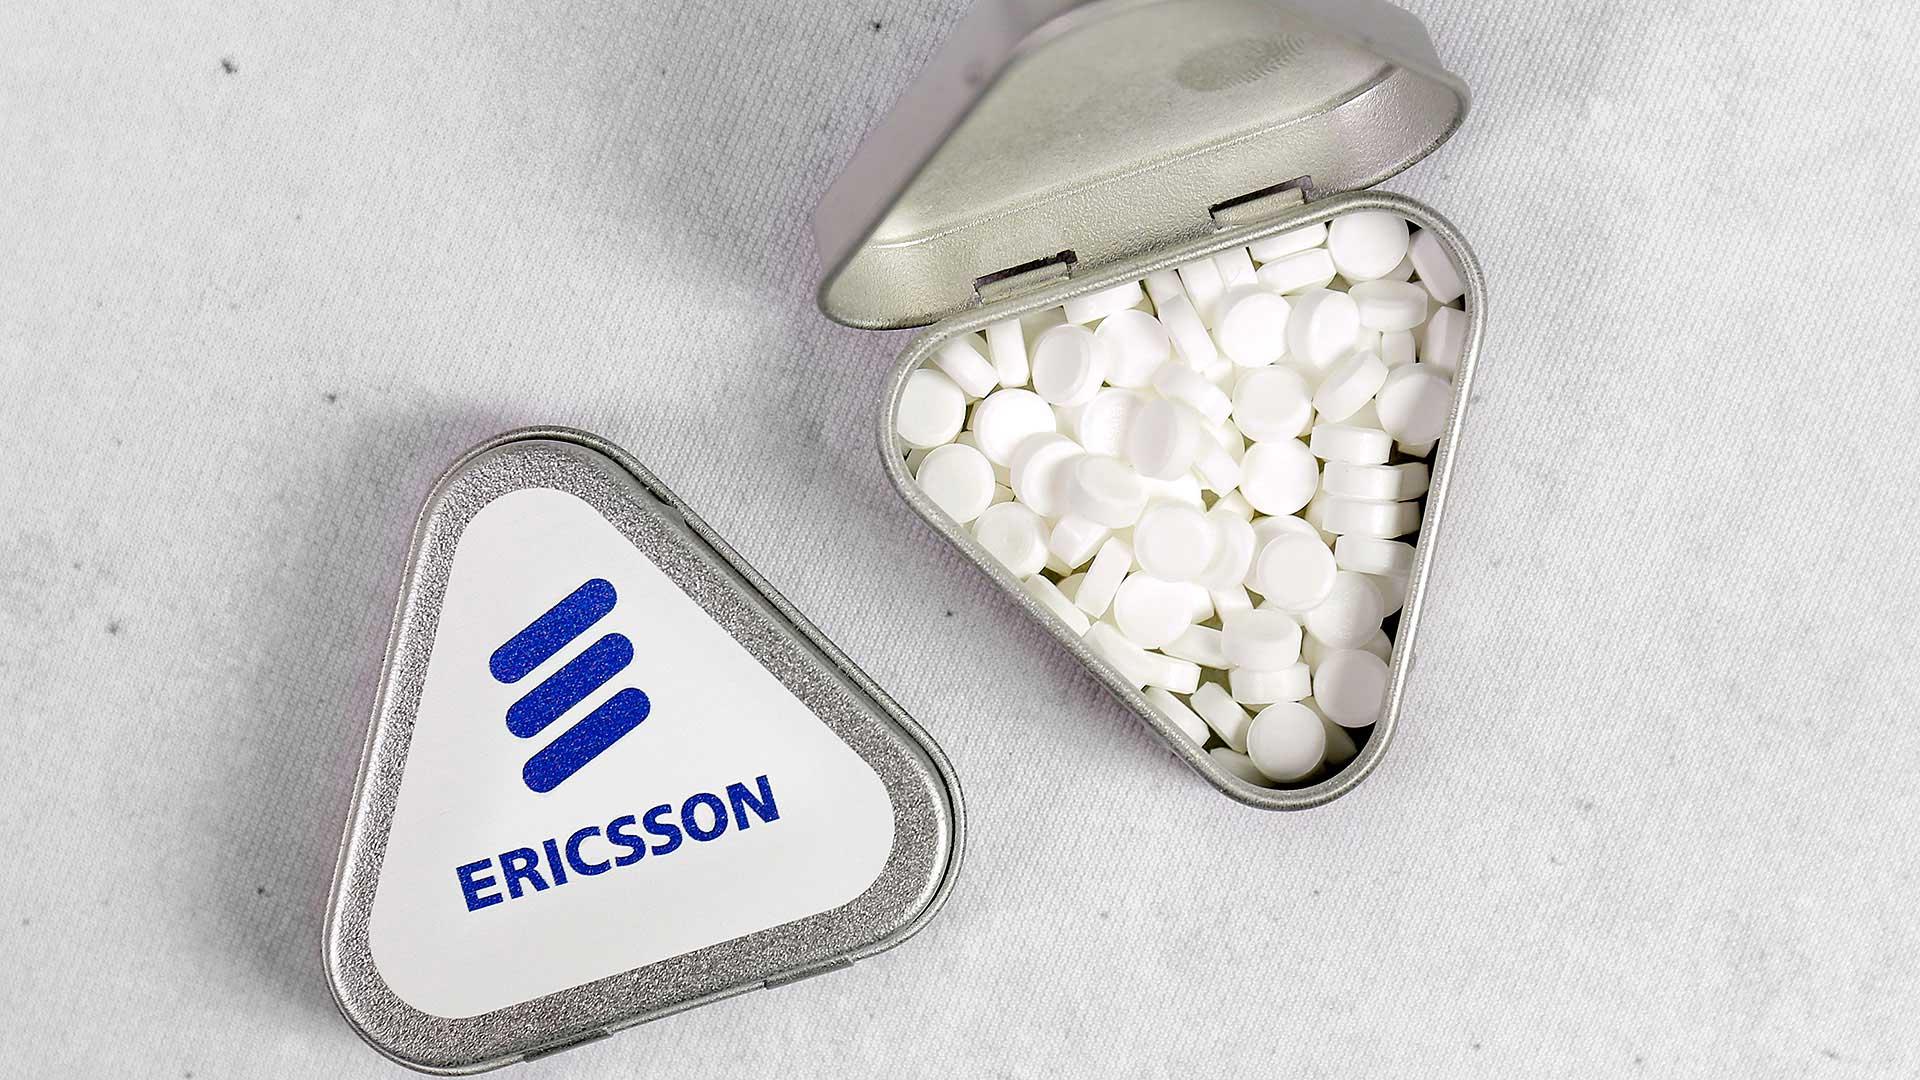 Personalizētas konfektes ar reklāmu, logo Ericsson